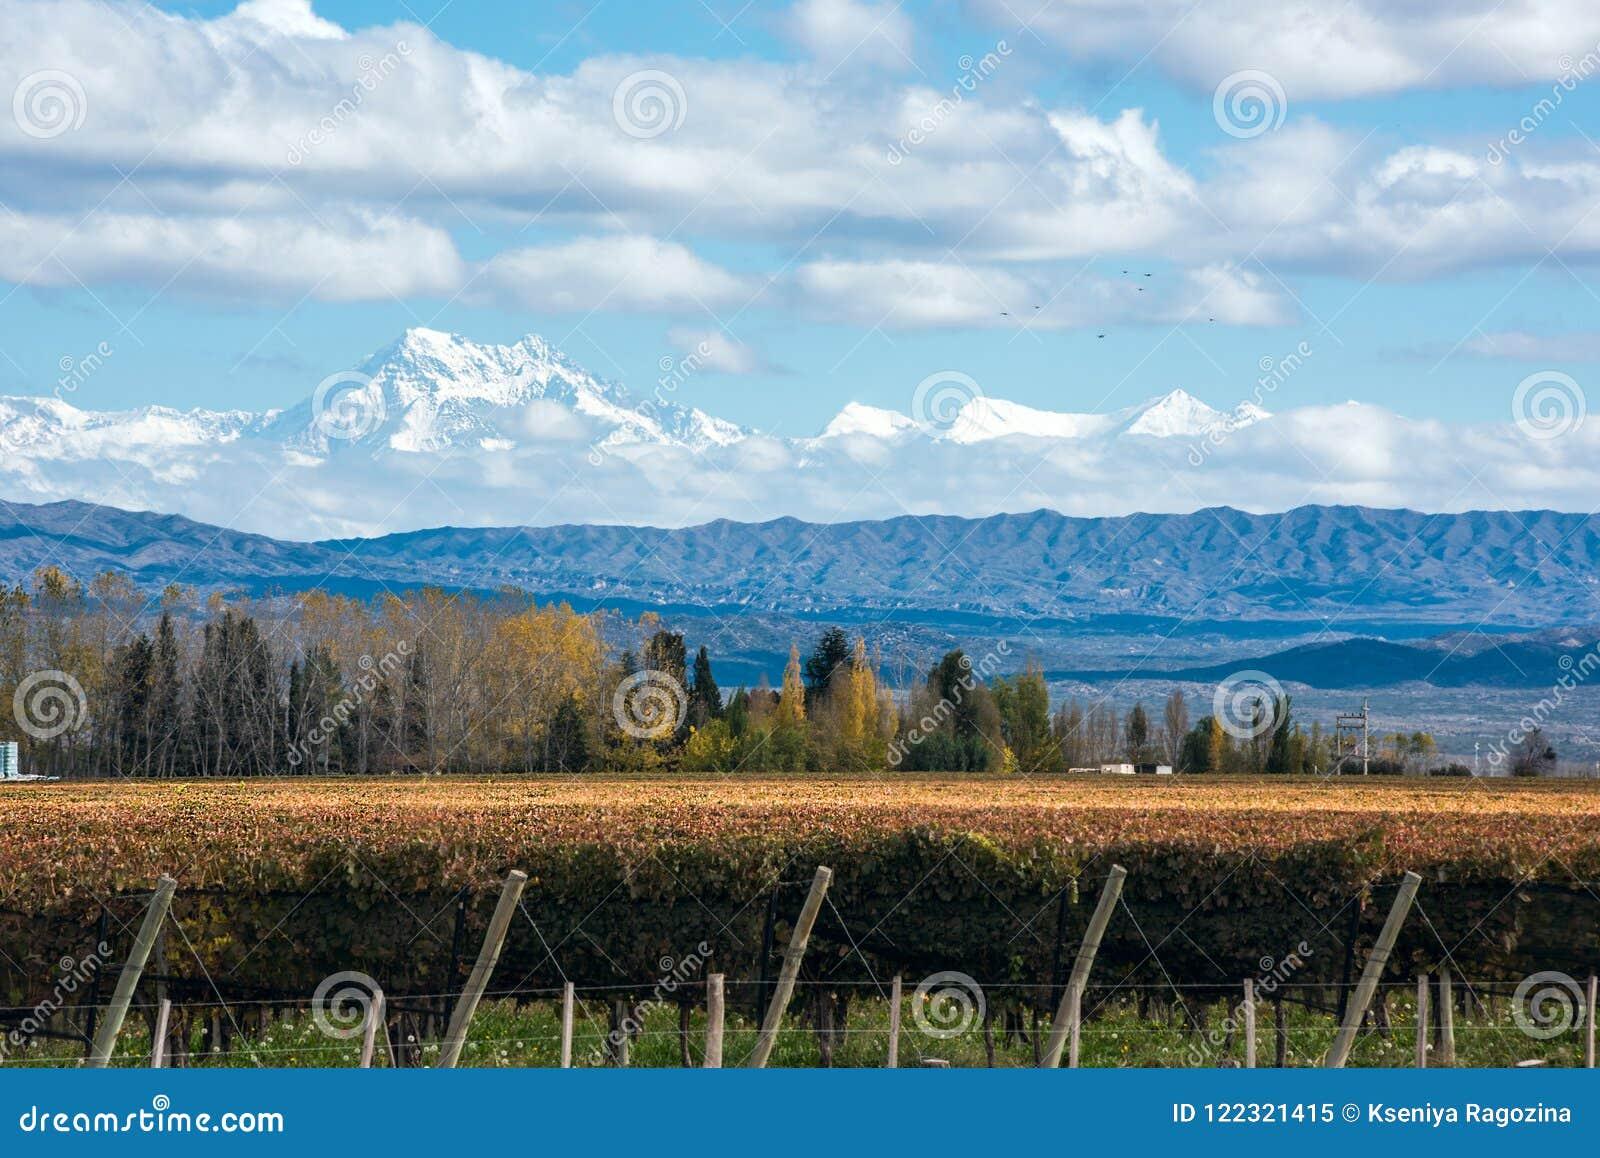 Volcano Aconcagua Cordillera and Vineyard in the Argentine province of Mendoza